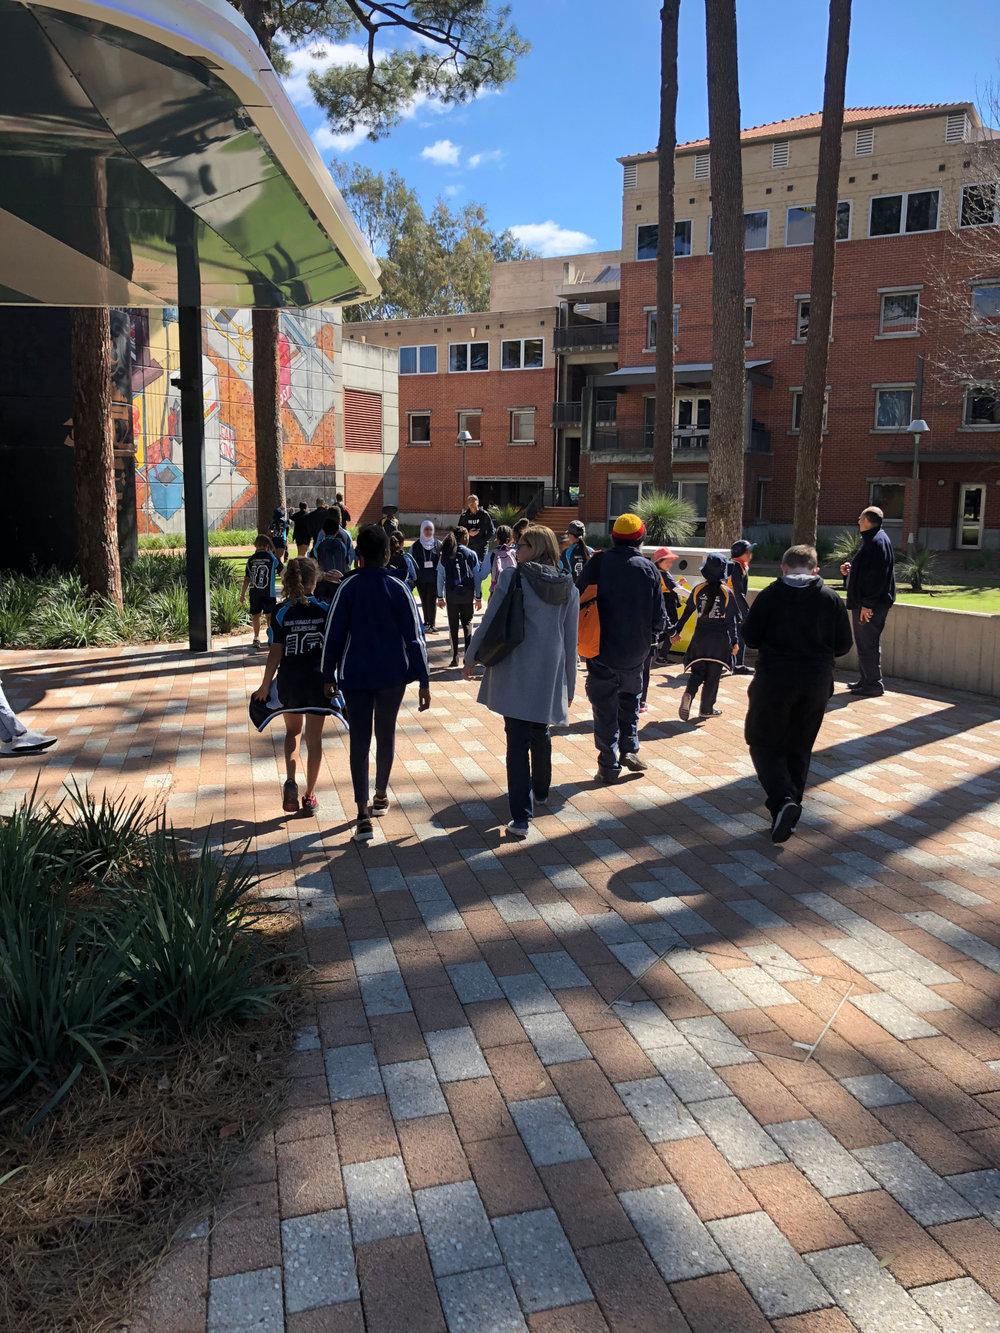 Exploring the campus